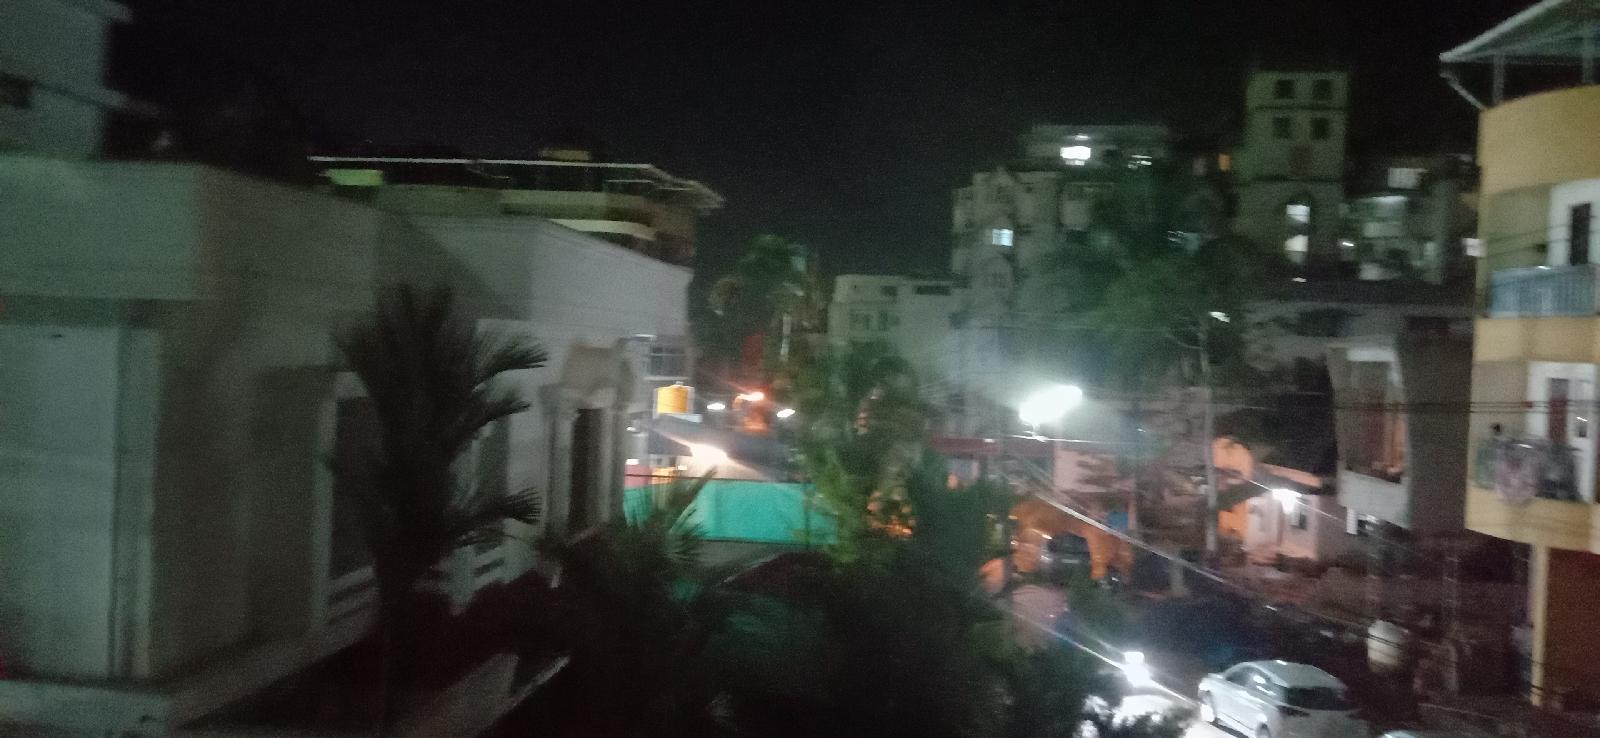 ನೇಪಾಲಿ ಮೂಲದ  ಮಹಿಳೆ  ಮಂಗಳೂರಿನಲ್ಲಿ ನಾಪತ್ತೆ- ಪತಿಯಿಂದ ದೂರು